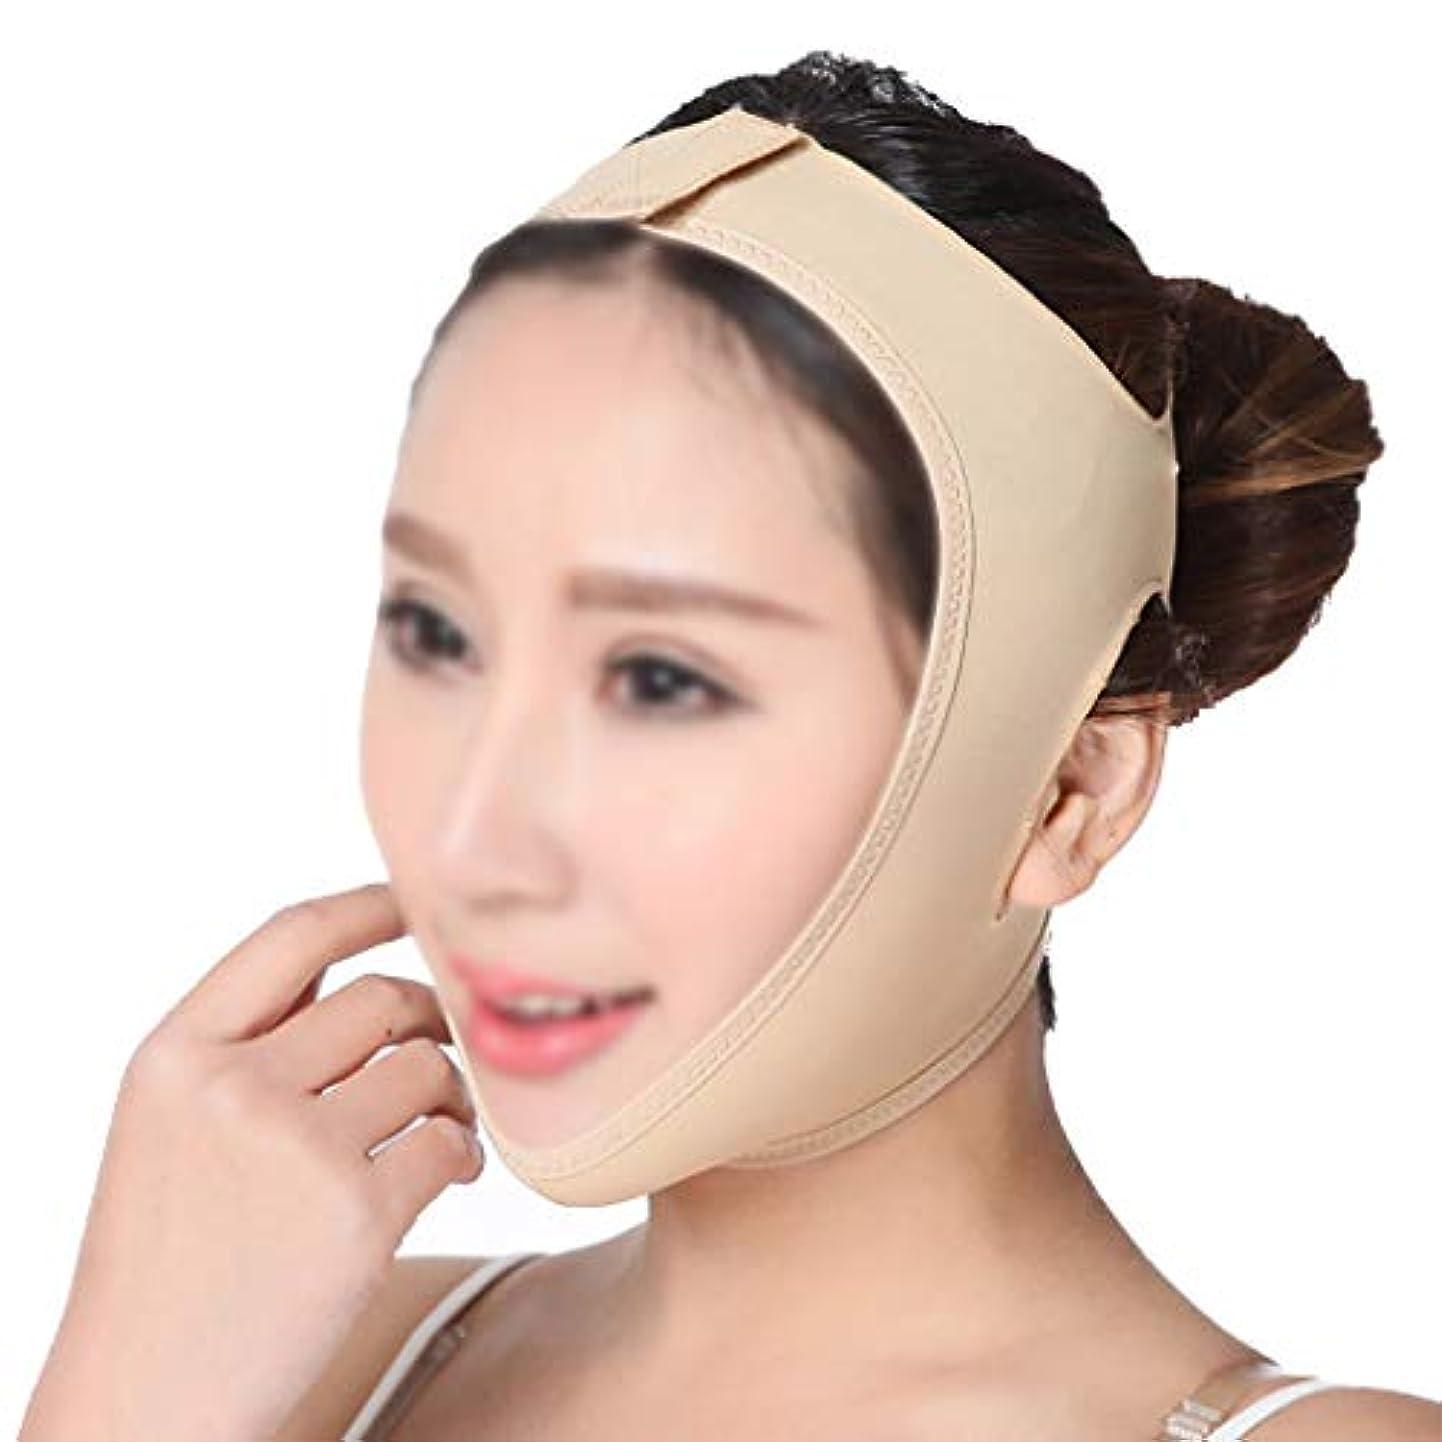 XHLMRMJ 薄い顔包帯顔スリム二重あごを取り除くVラインの顔の形を作成するあごの頬リフトアップ抗しわを持ち上げるベルトフェイスマッサージツール (Size : XL)